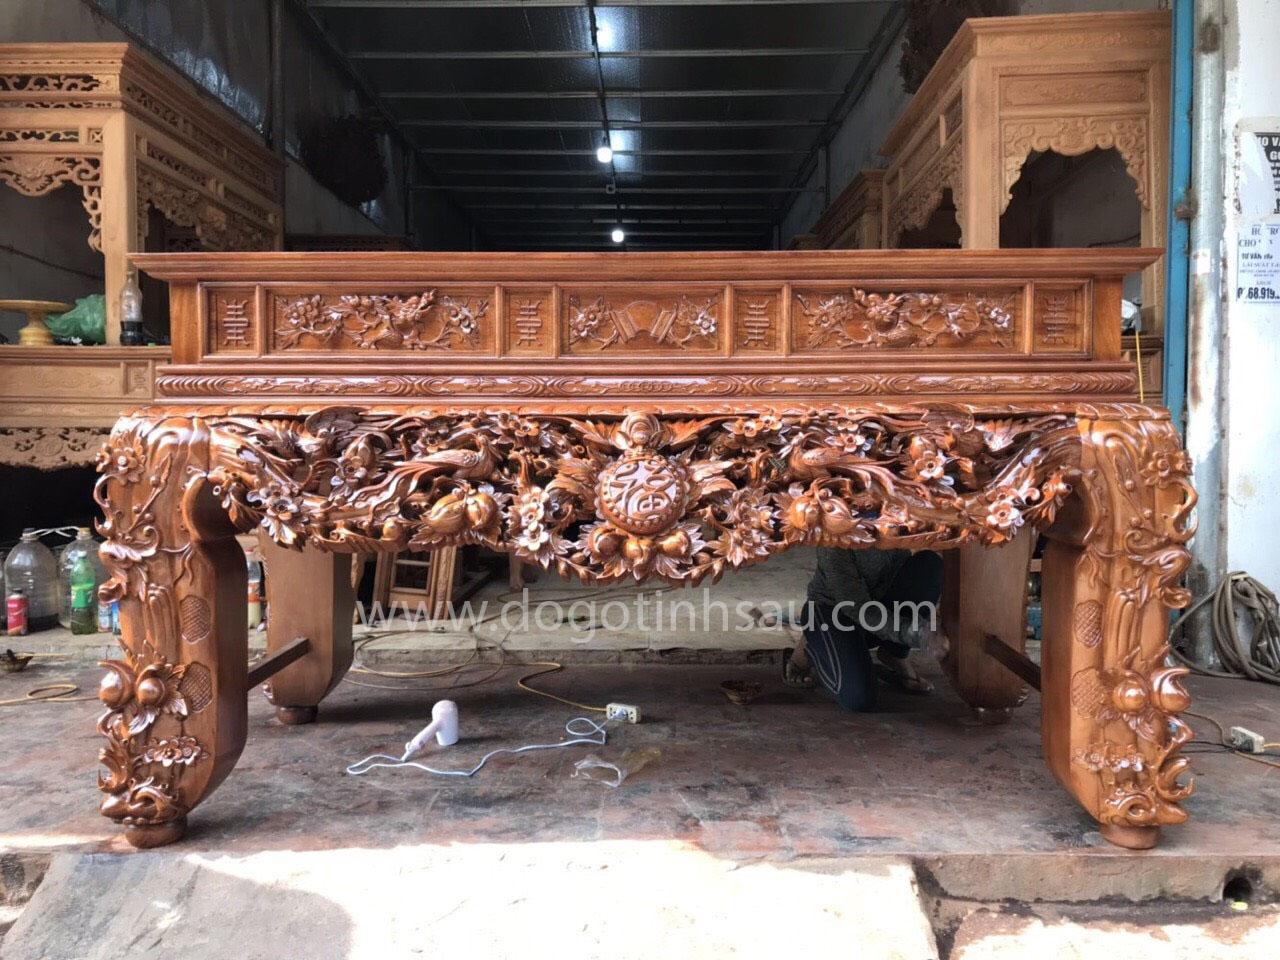 sap tho go gu lao - Báo giá sập thờ gỗ mít, gỗ gụ năm 2021